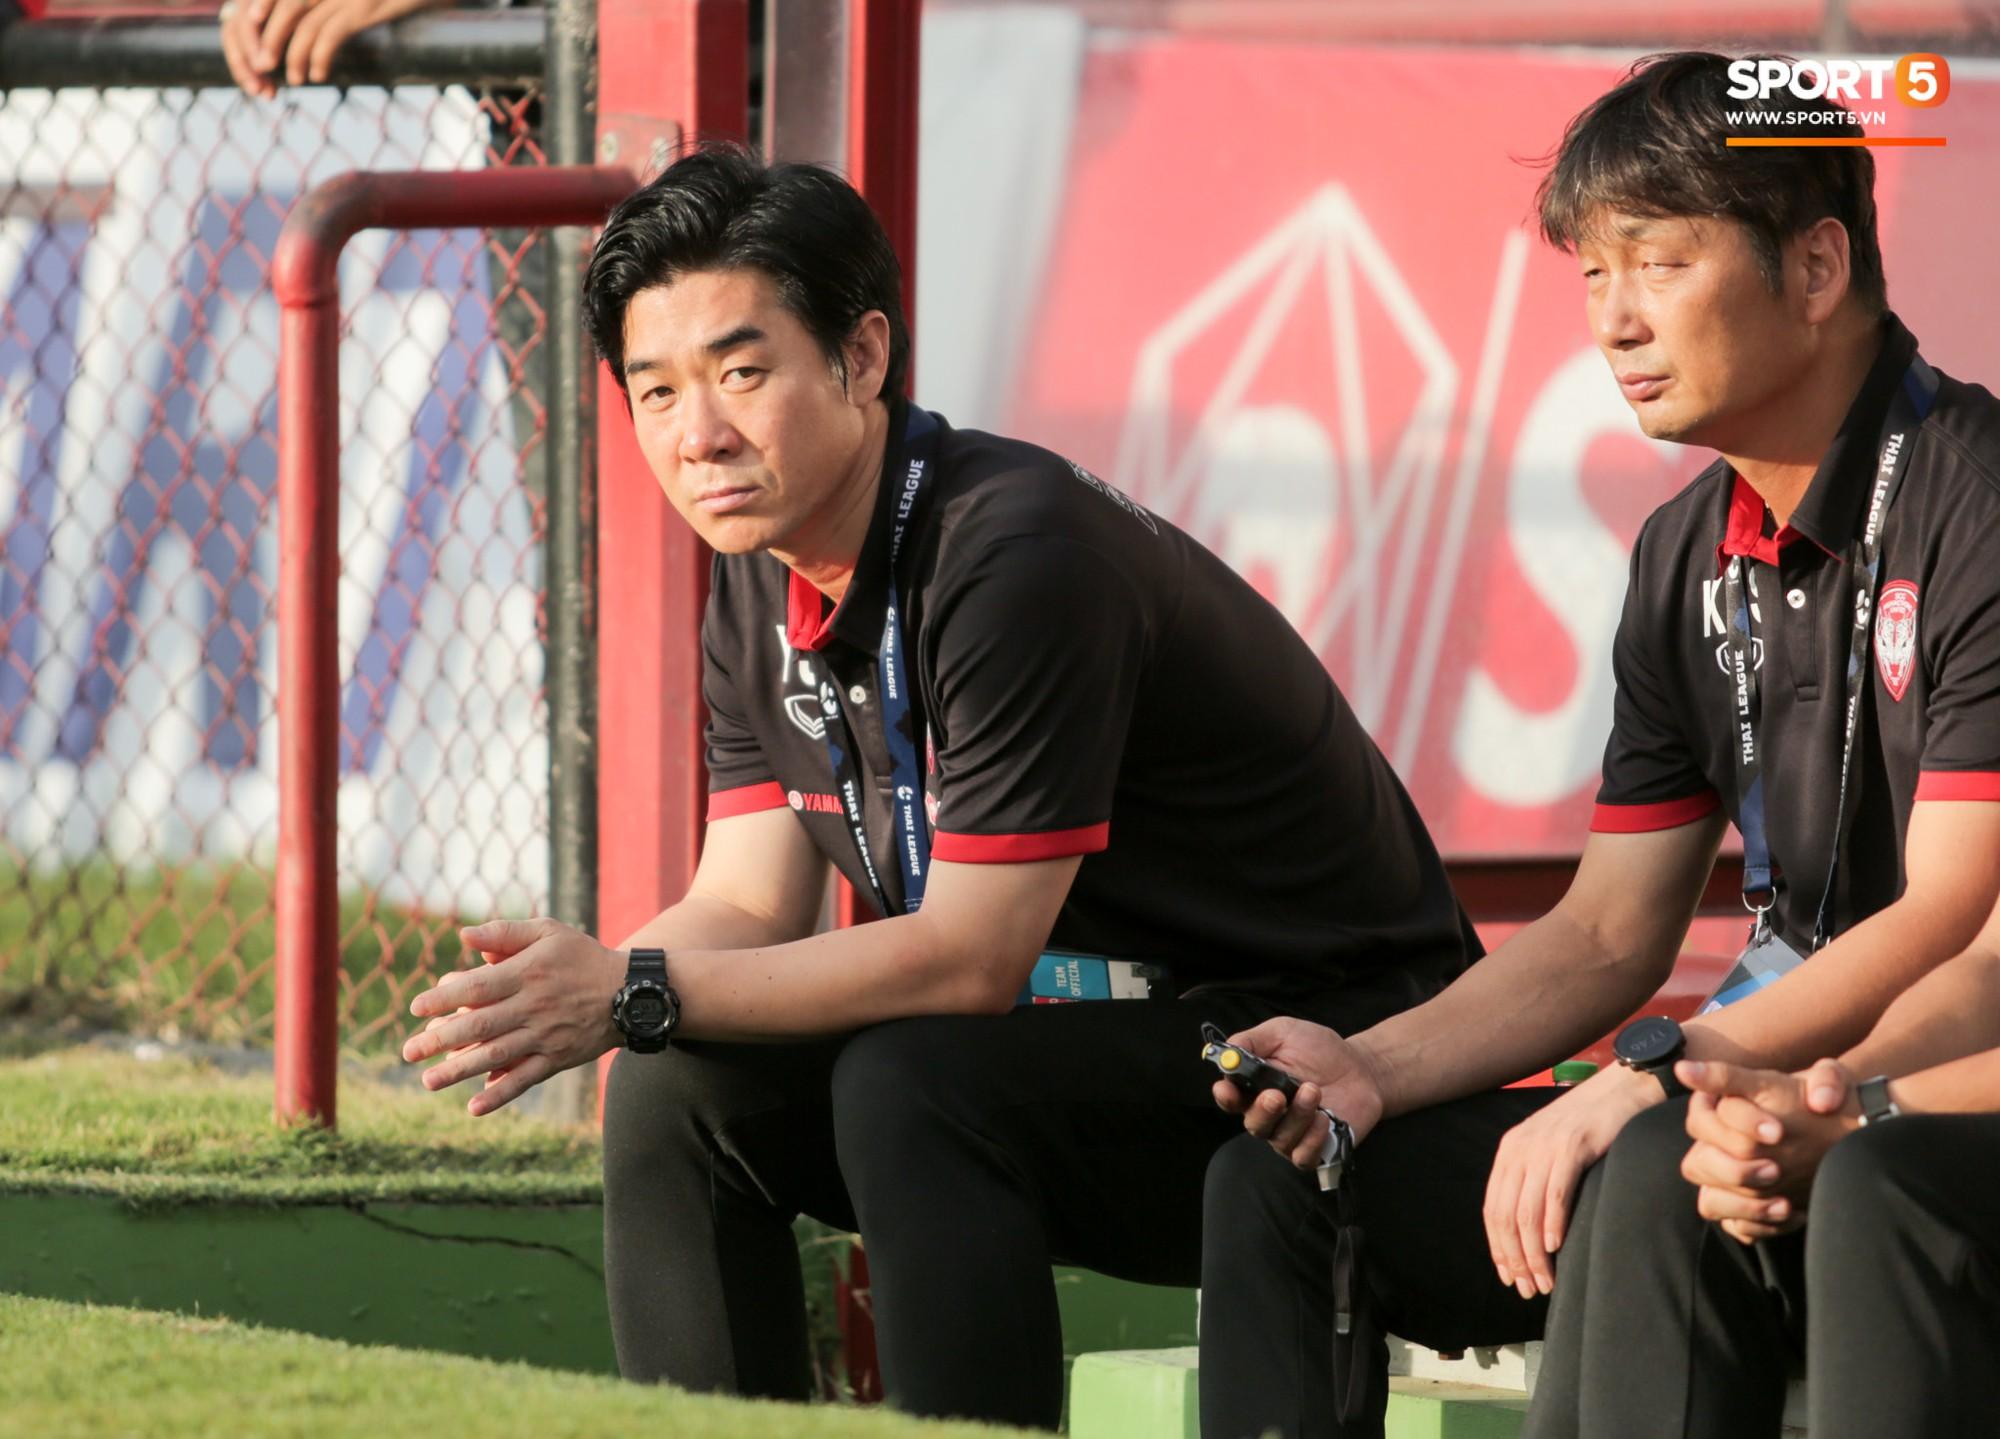 HLV Hàn Quốc ứng cử làm thuyền trưởng tuyển Thái Lan để có dịp đối đầu với HLV Park Hang-seo - Ảnh 1.